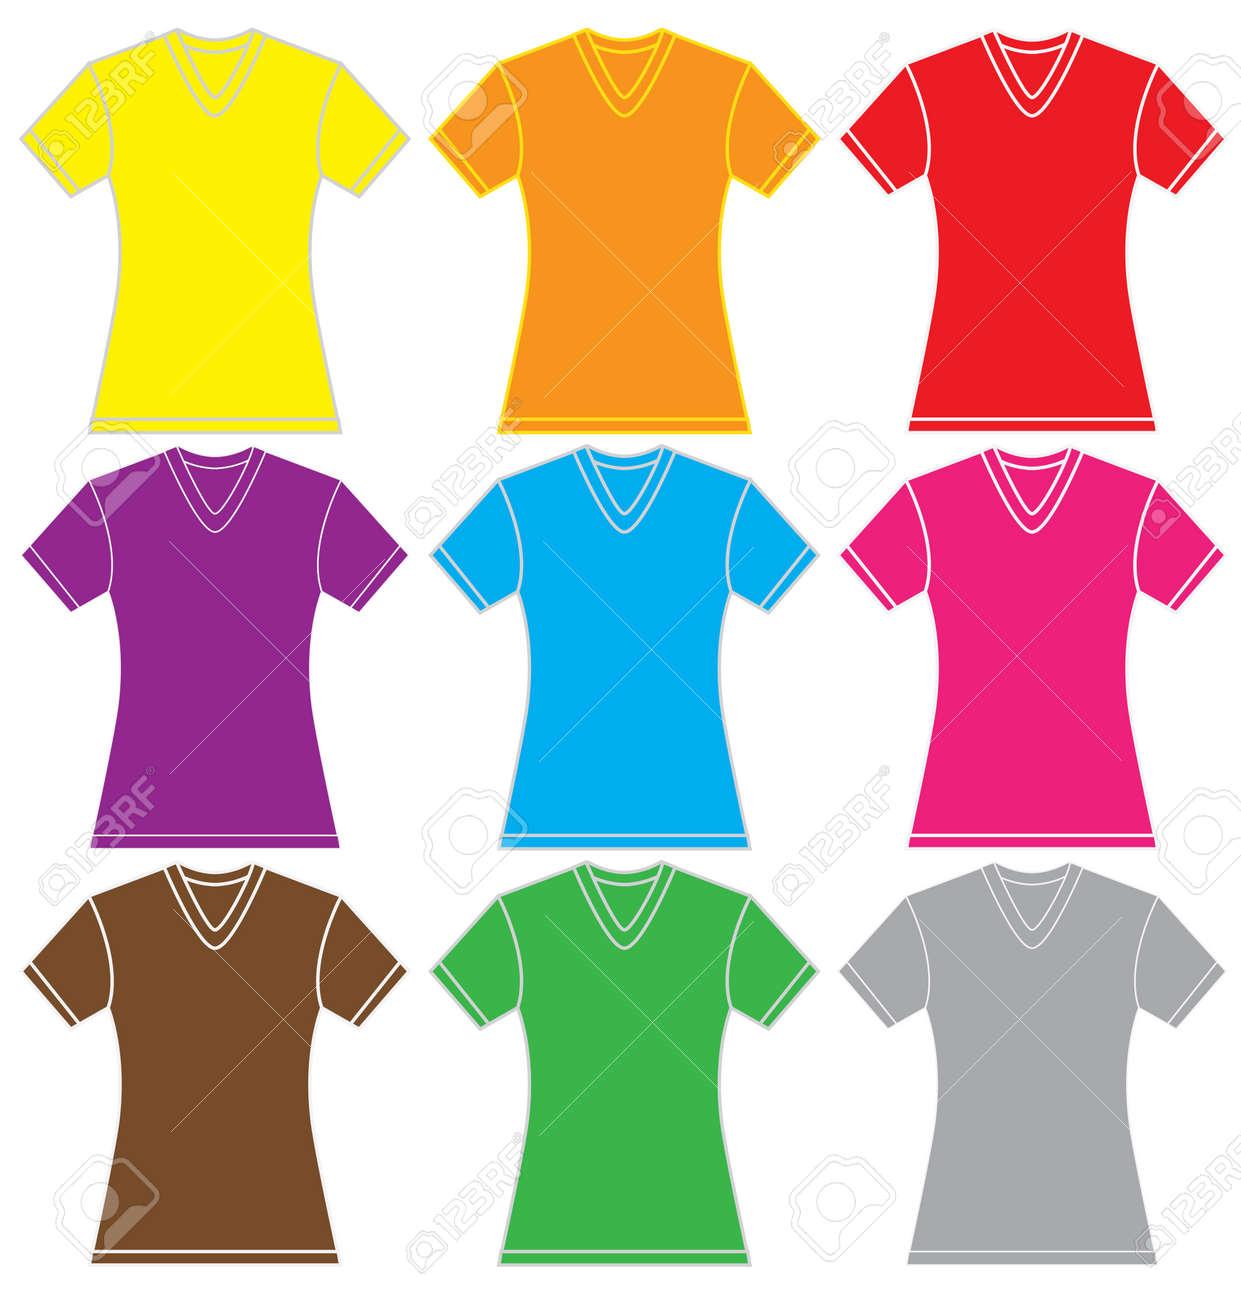 para en la plantilla muchos mujer Ilustración archivo en cuello color de de en blanco camisa aislado Foto con V BwO010